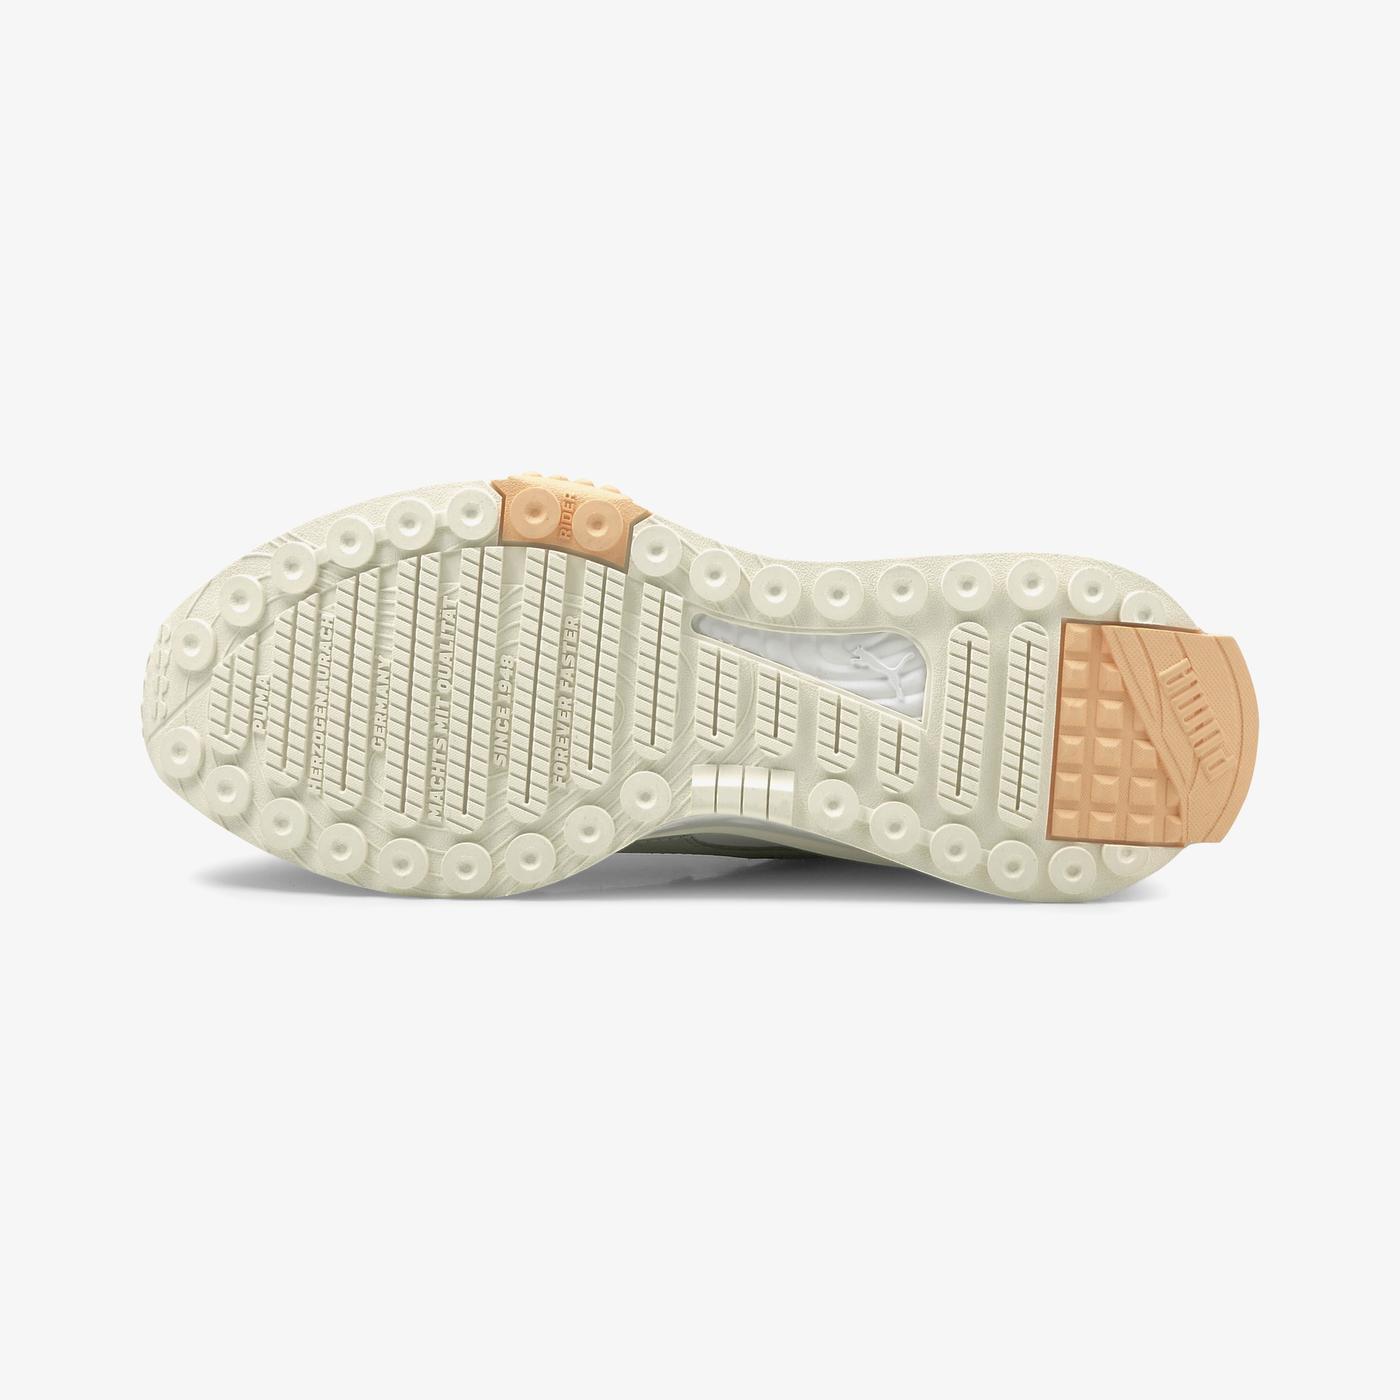 Puma Wild Rider Prm Kadın Beyaz Spor Ayakkabı